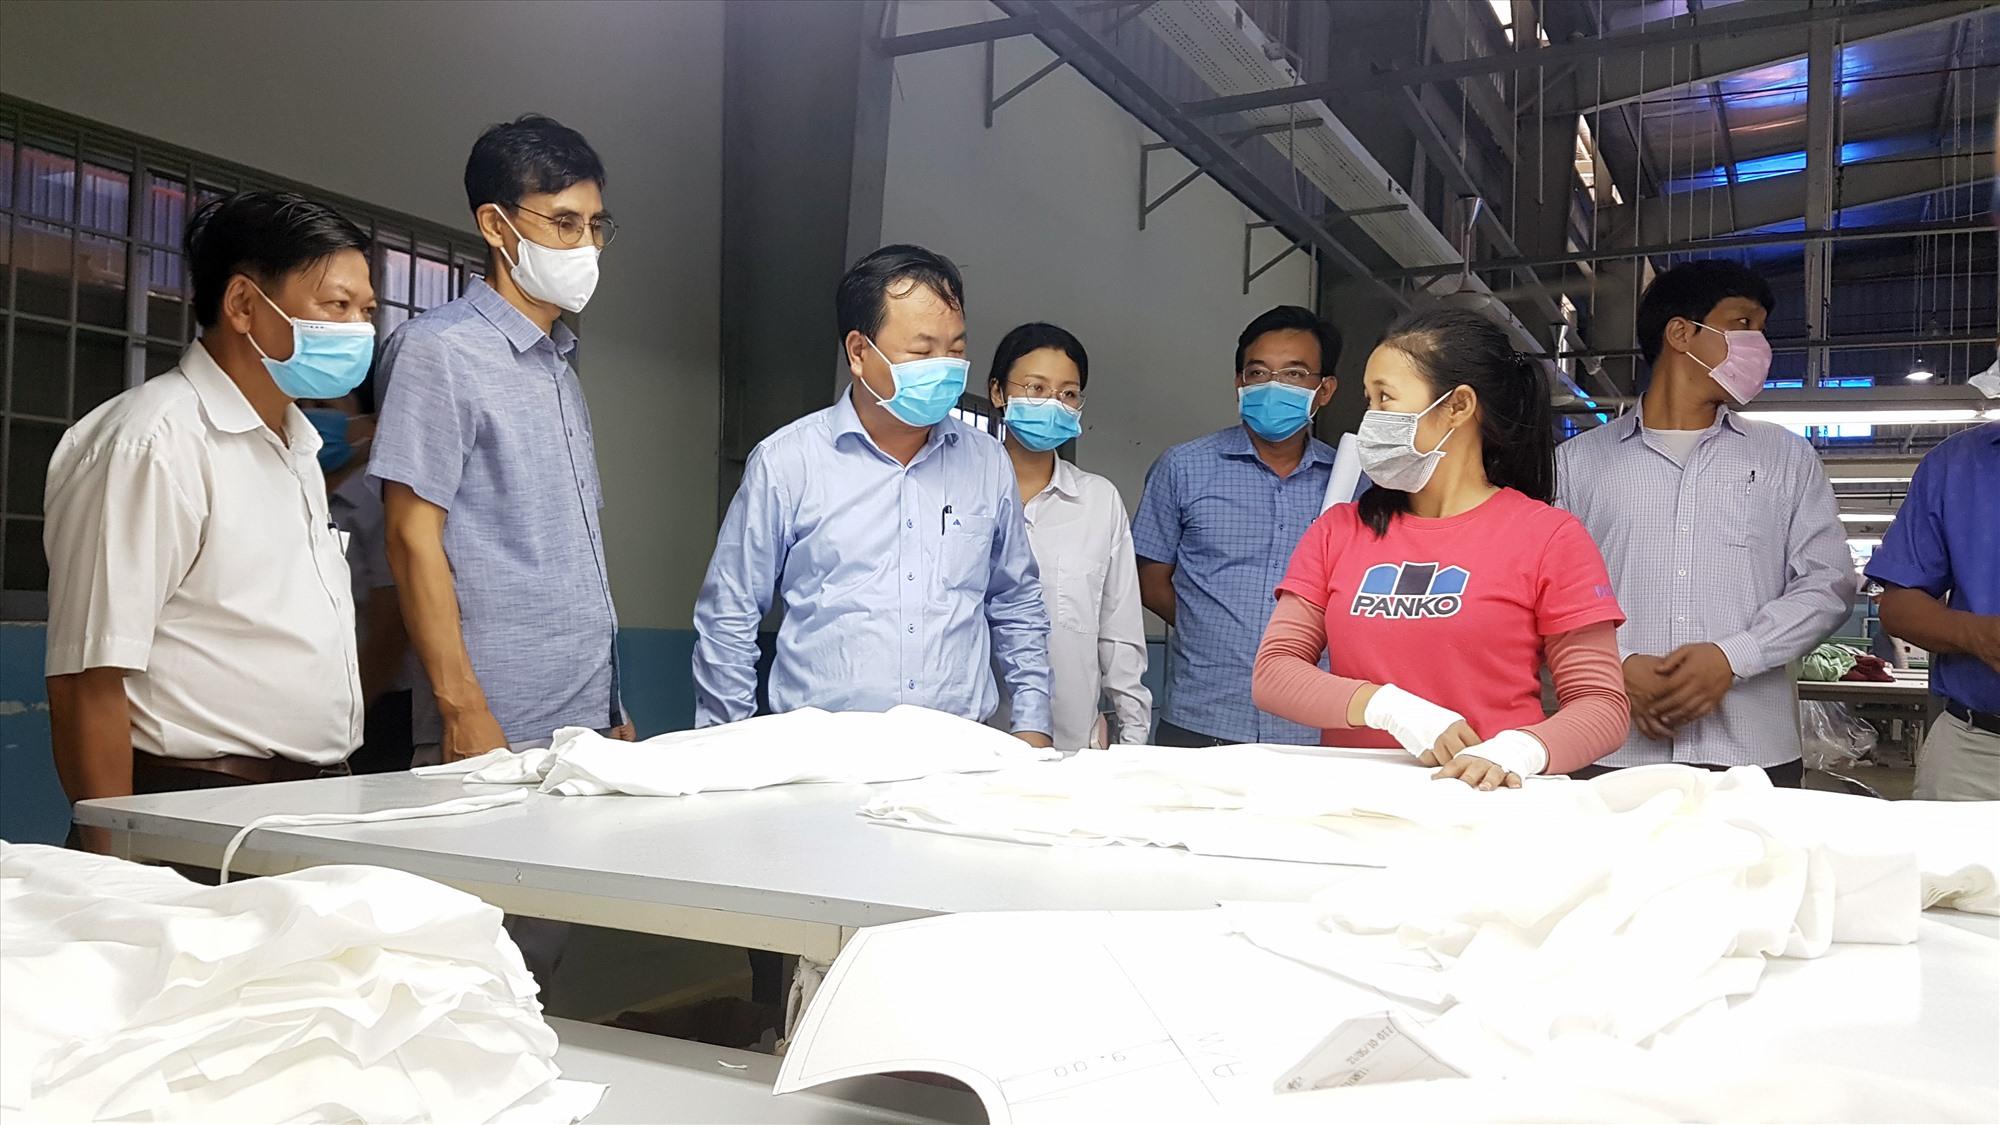 Phó Chủ tịch UBND tỉnh Nguyễn Hồng Quang kiểm tra phòng chống Covid-19 tại KCN Tam Thăng. Ảnh: D.L